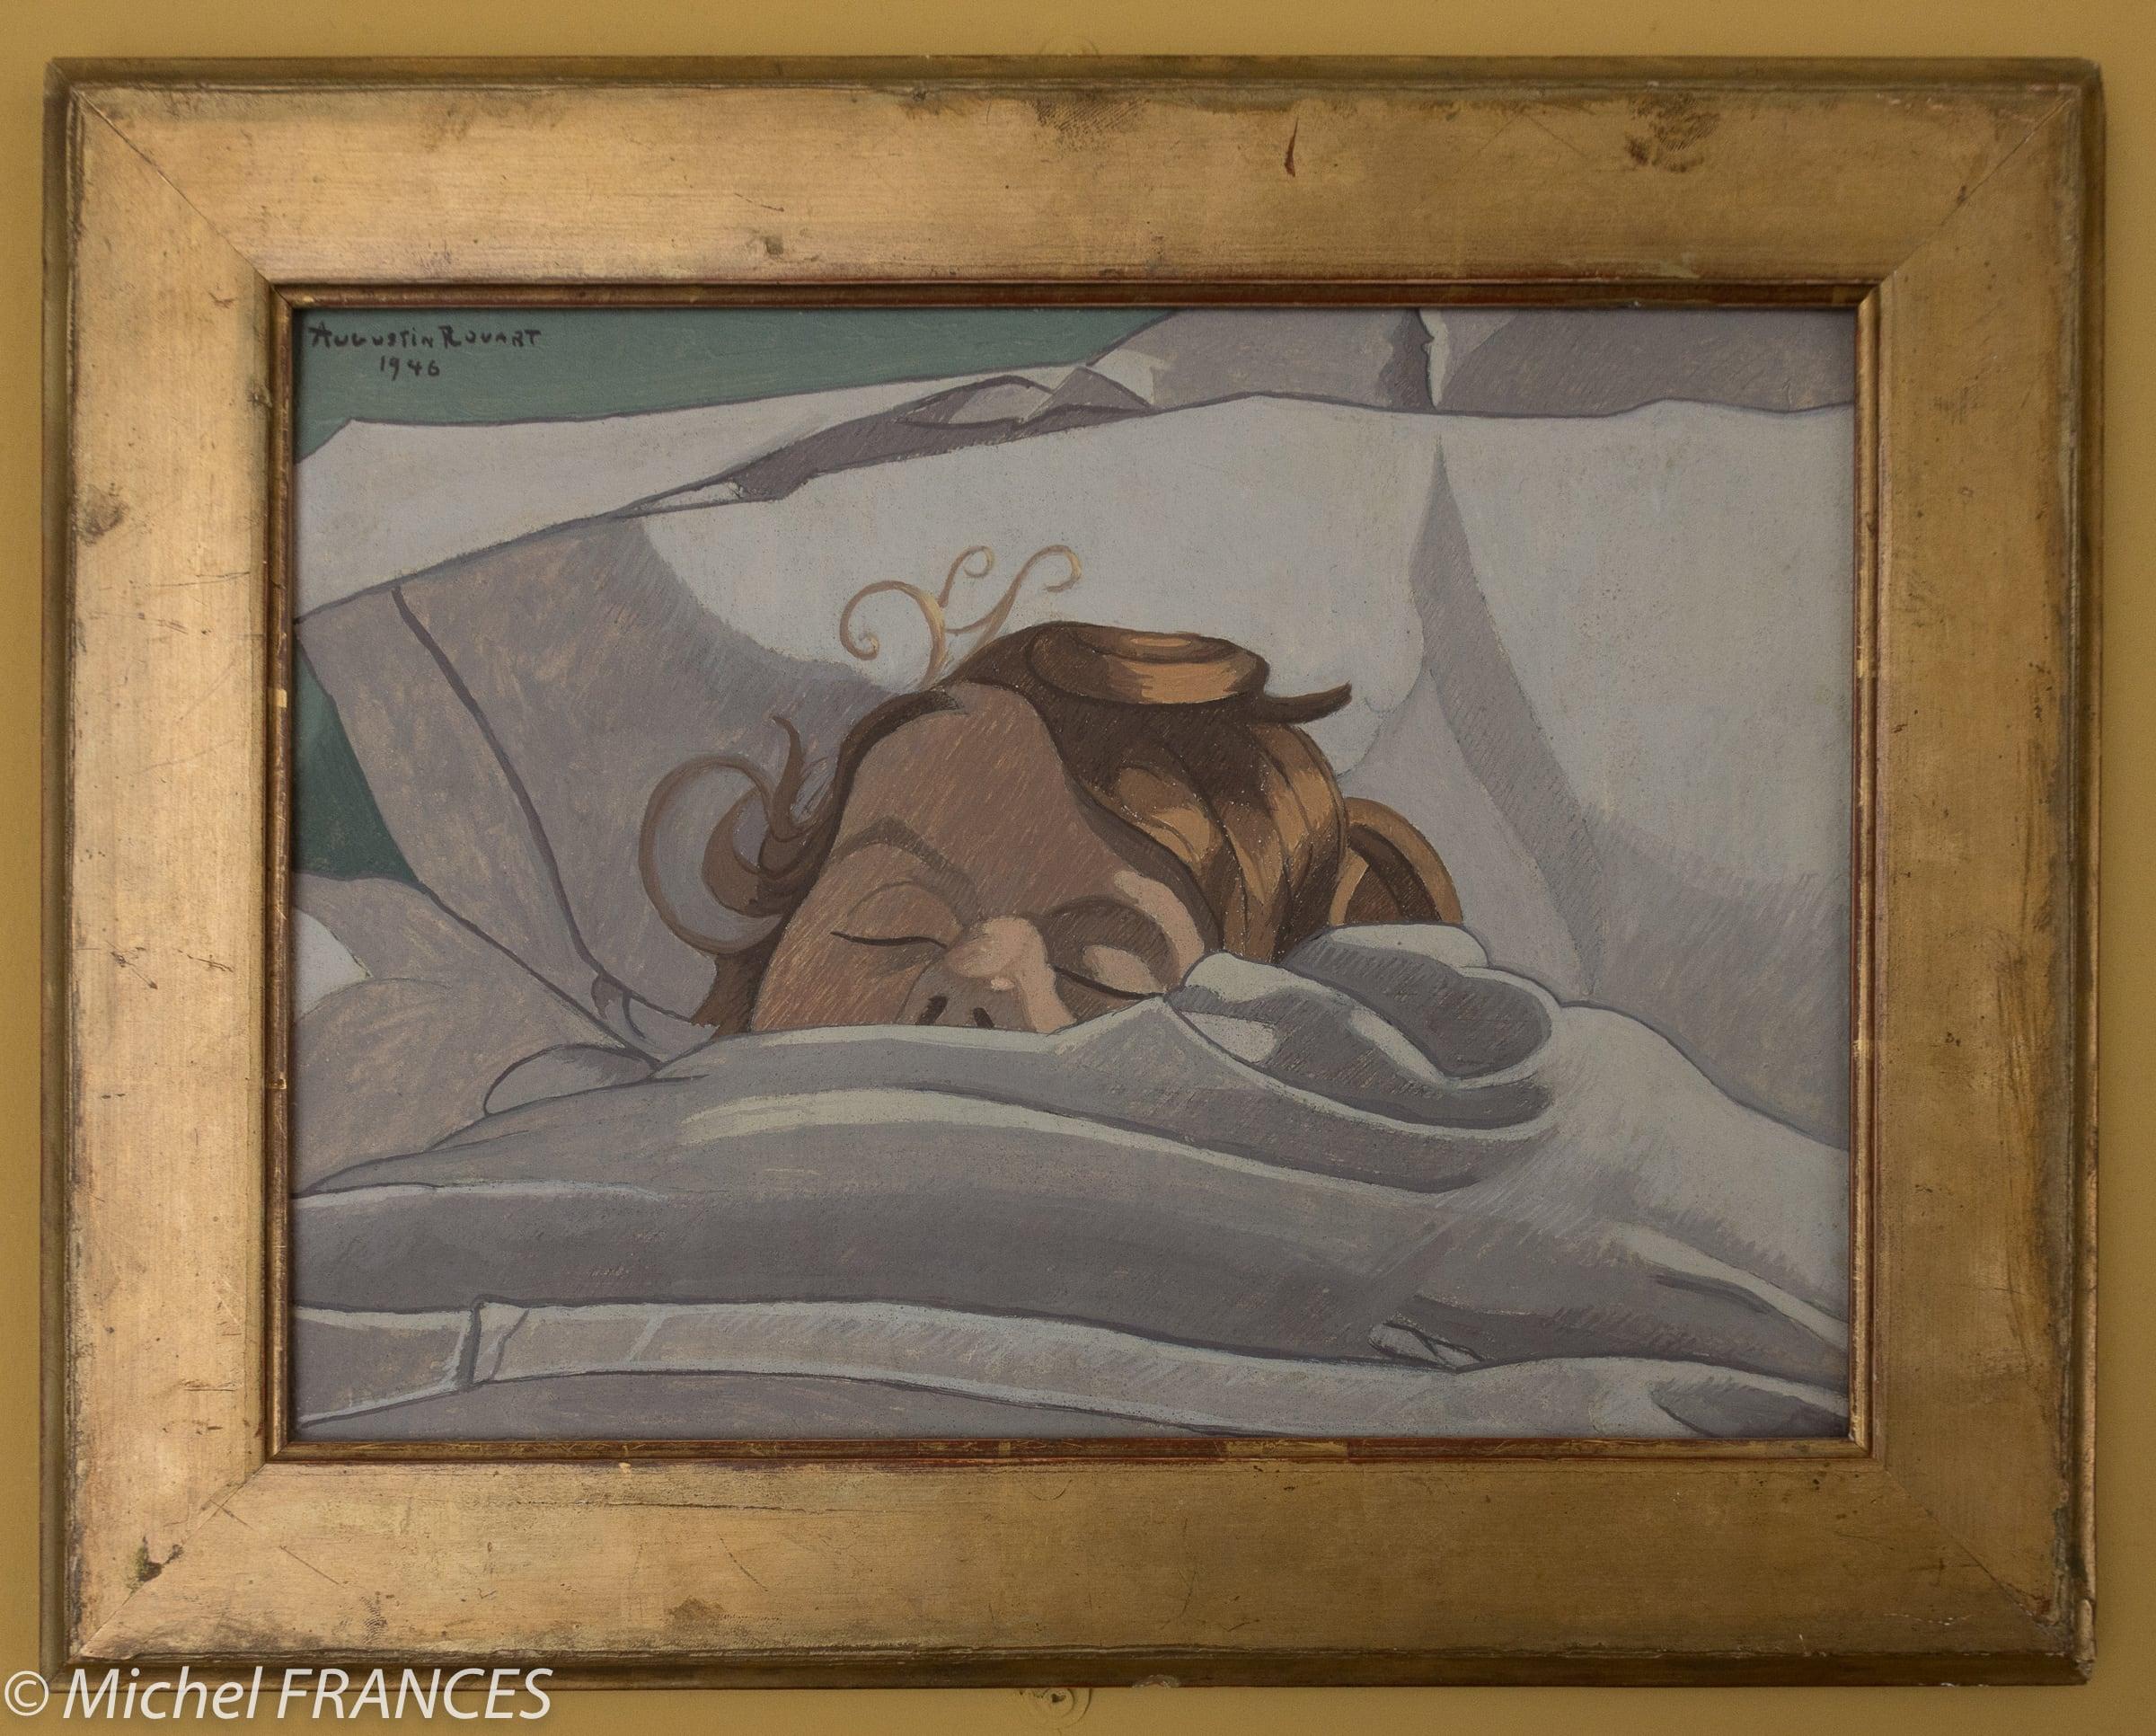 Accrochage Augustin Rouart – La peinture en héritage – Monogramme d'Augustin Rouard inspiré de celui d'Albrecht Dûrer